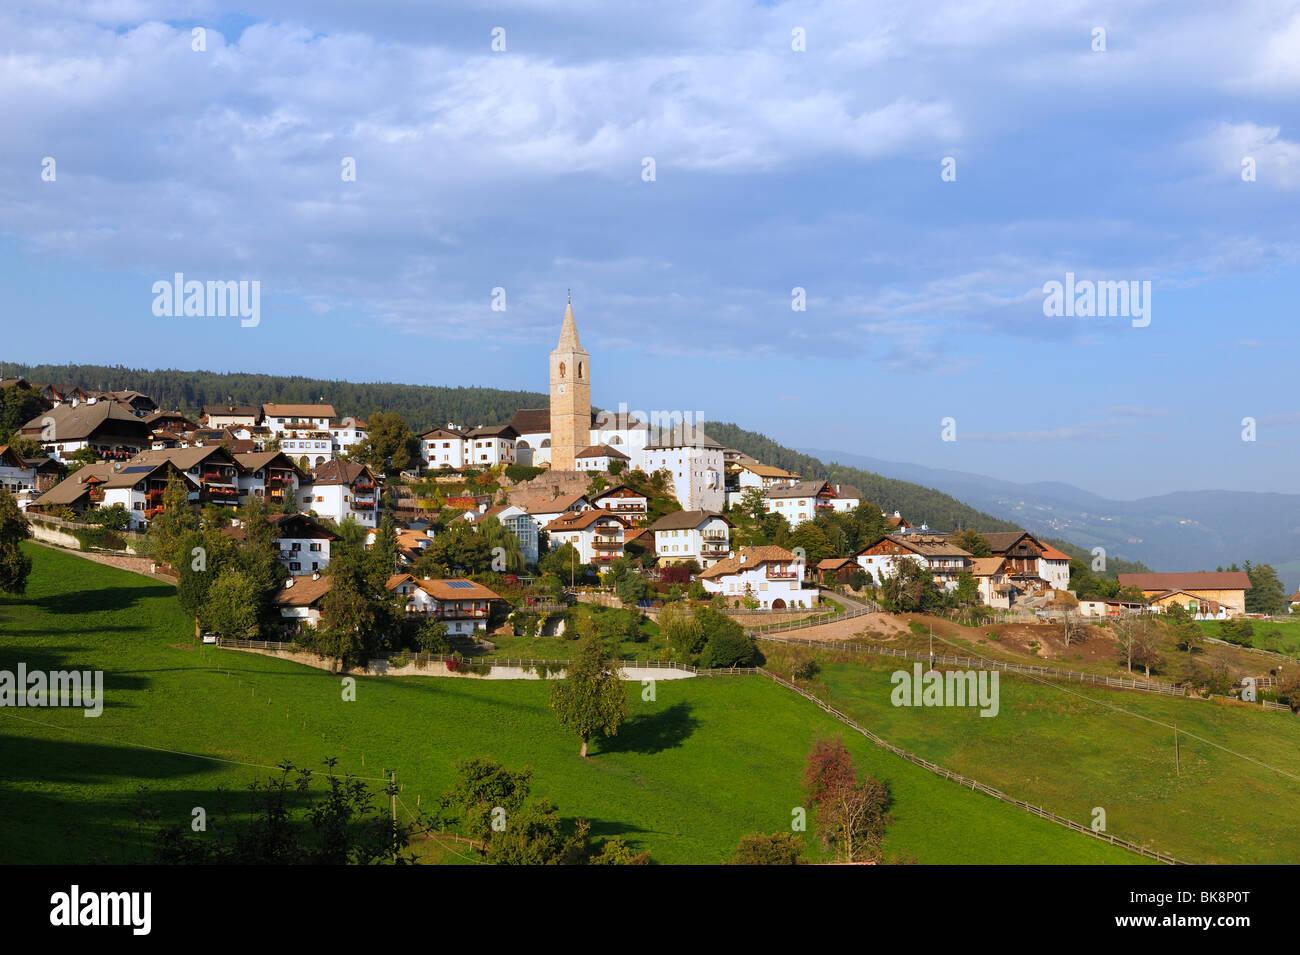 Genesio comunità sull'altopiano del Salto a circa 1100m sul versante meridionale del monte. Tschoegglberg, Immagini Stock